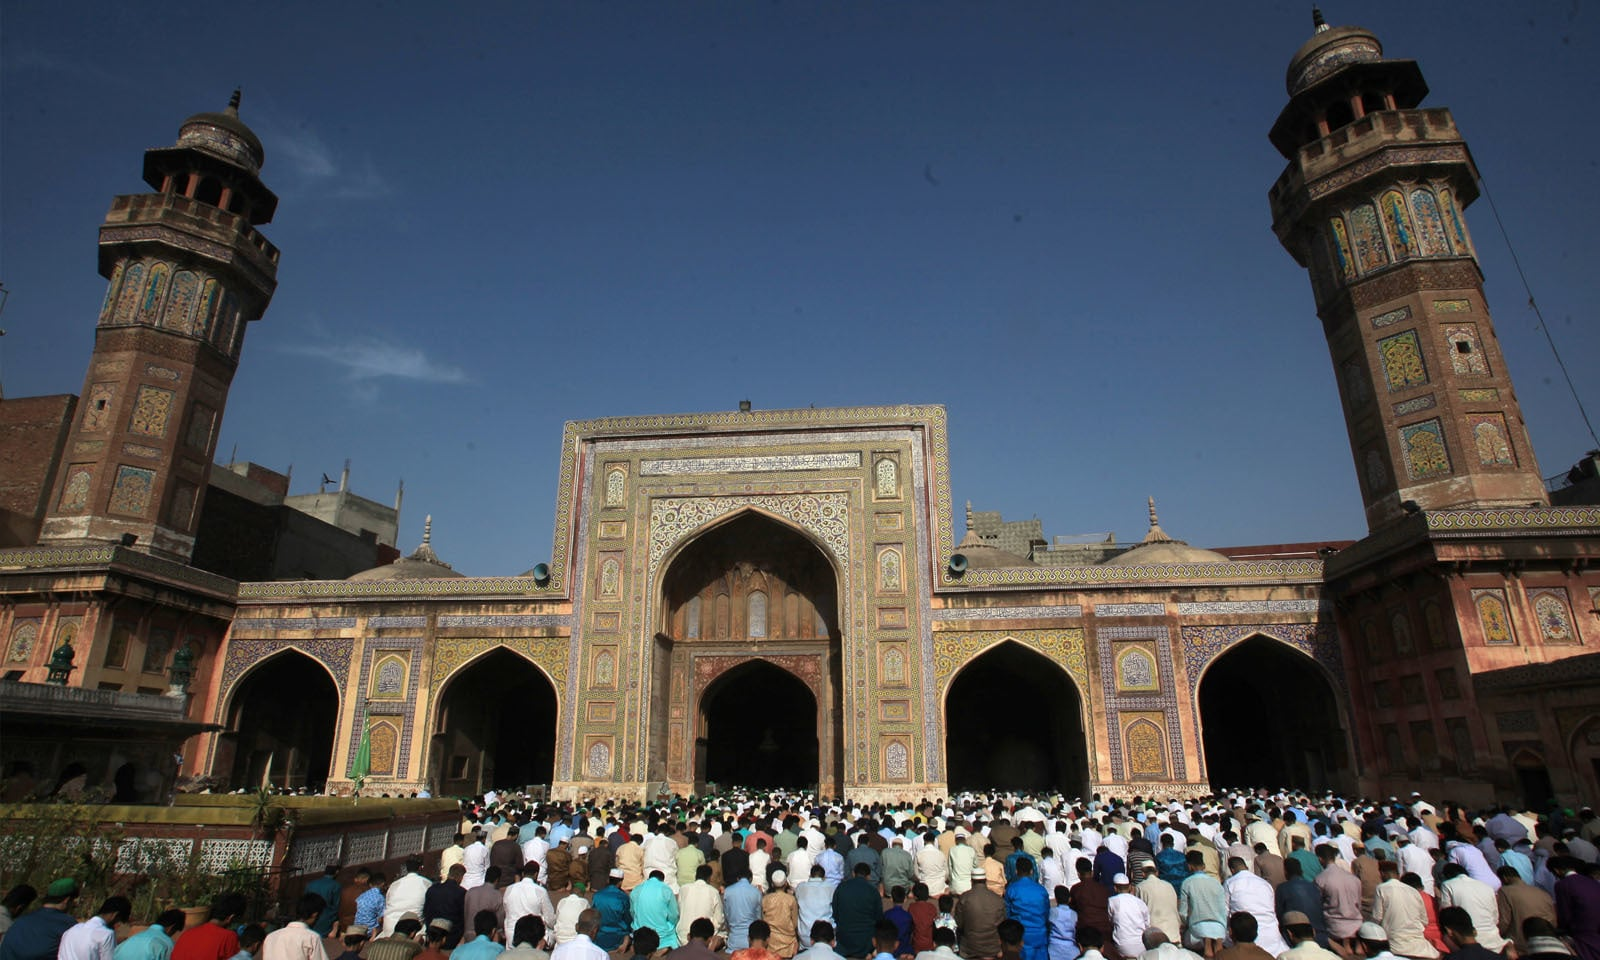 لاہور کی وزیر خان مسجد میں مسلمان بڑی تعداد میں جمع ہوئے —فوٹو/ رائٹرز